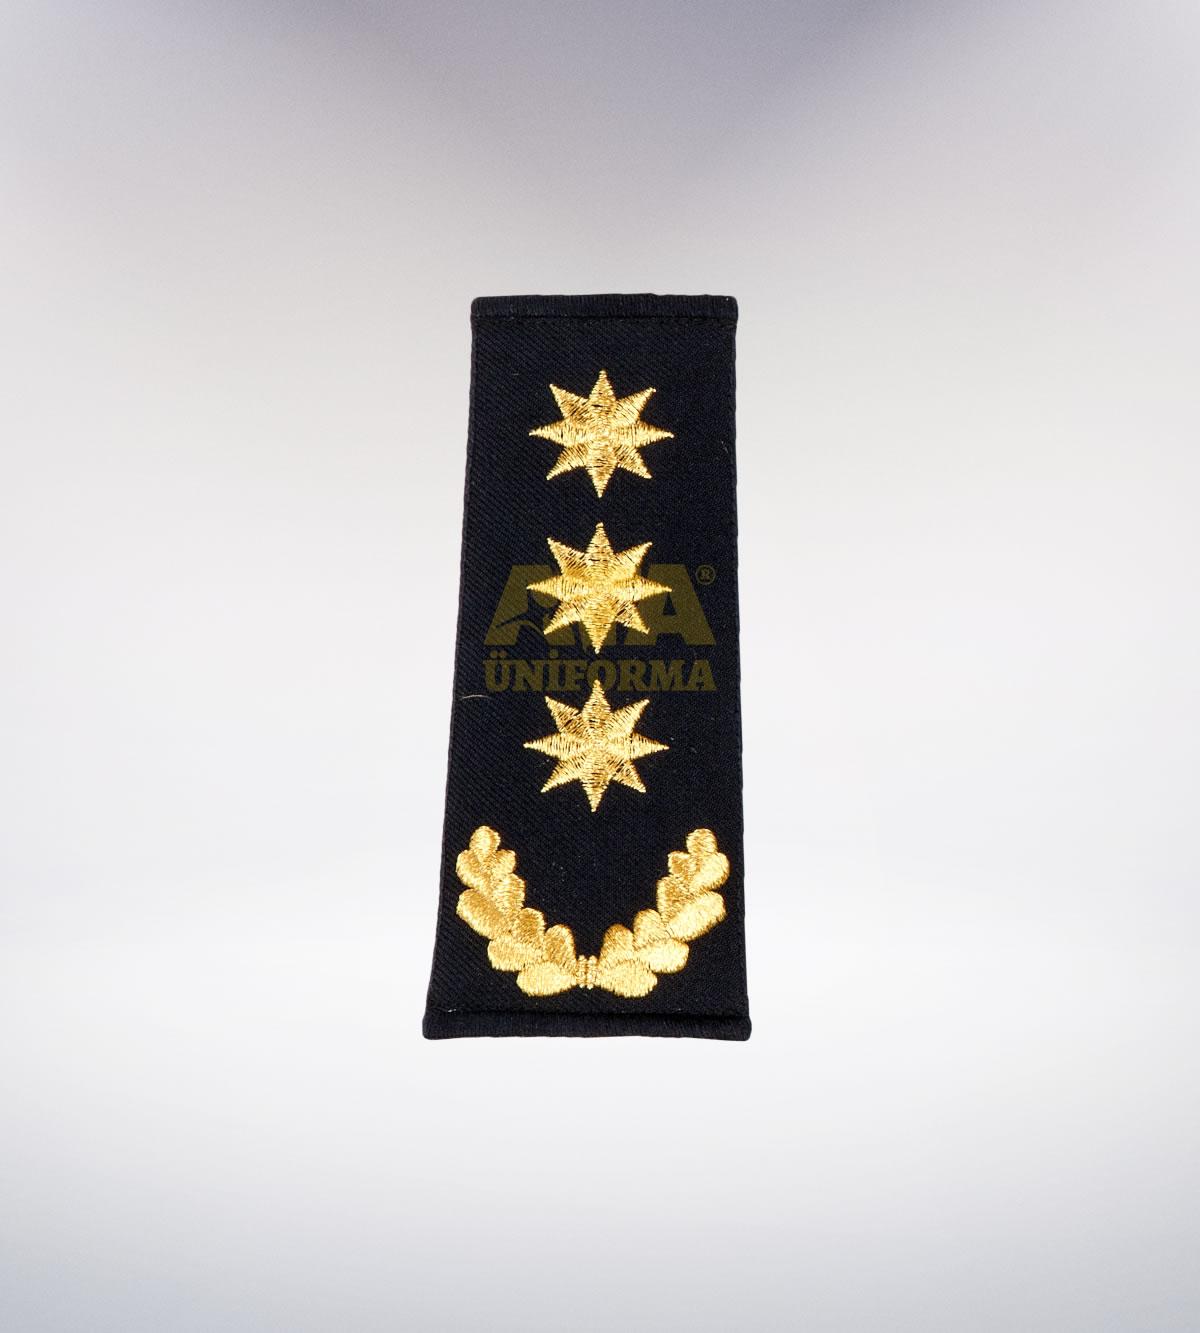 ATA-1002 Polis nakışlı apolet - polis elbiseleri | polis üniformaları | polis kıyafetleri